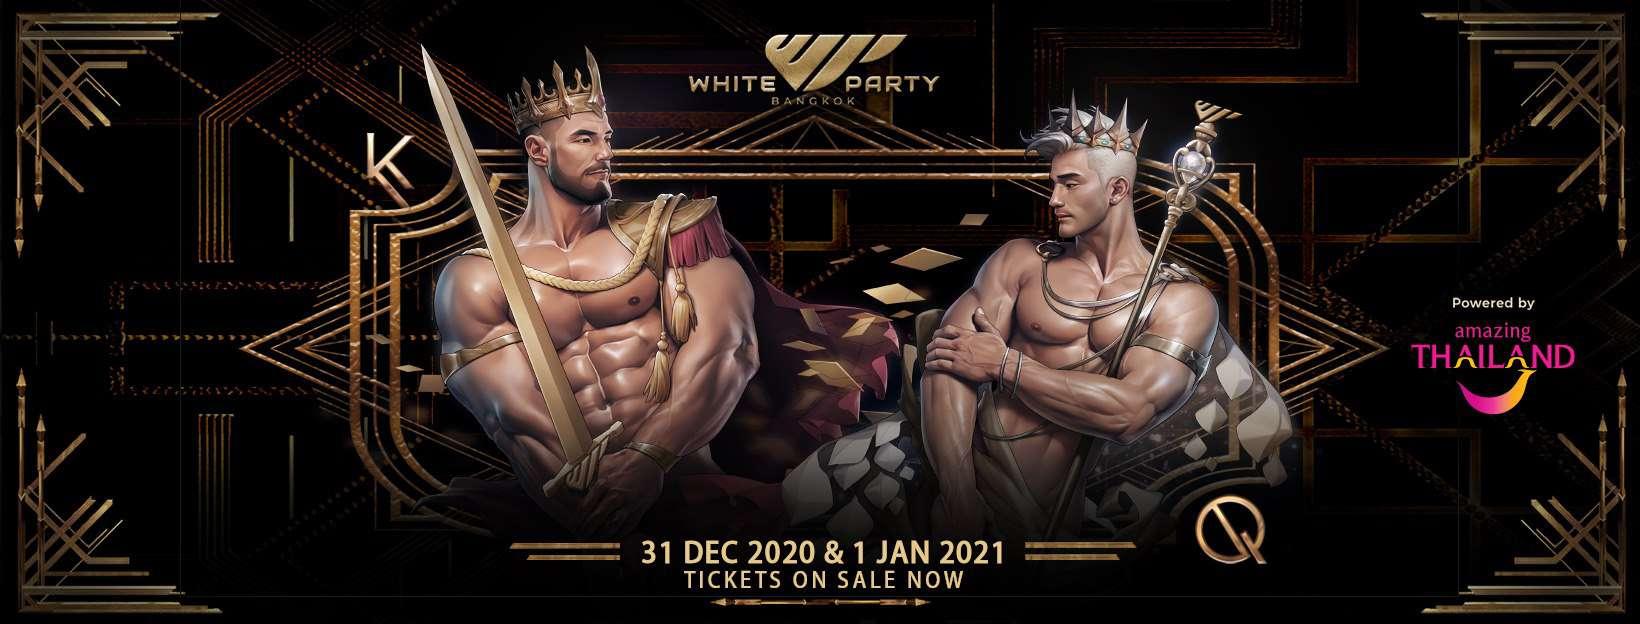 ホワイトパーティーバンコク2021